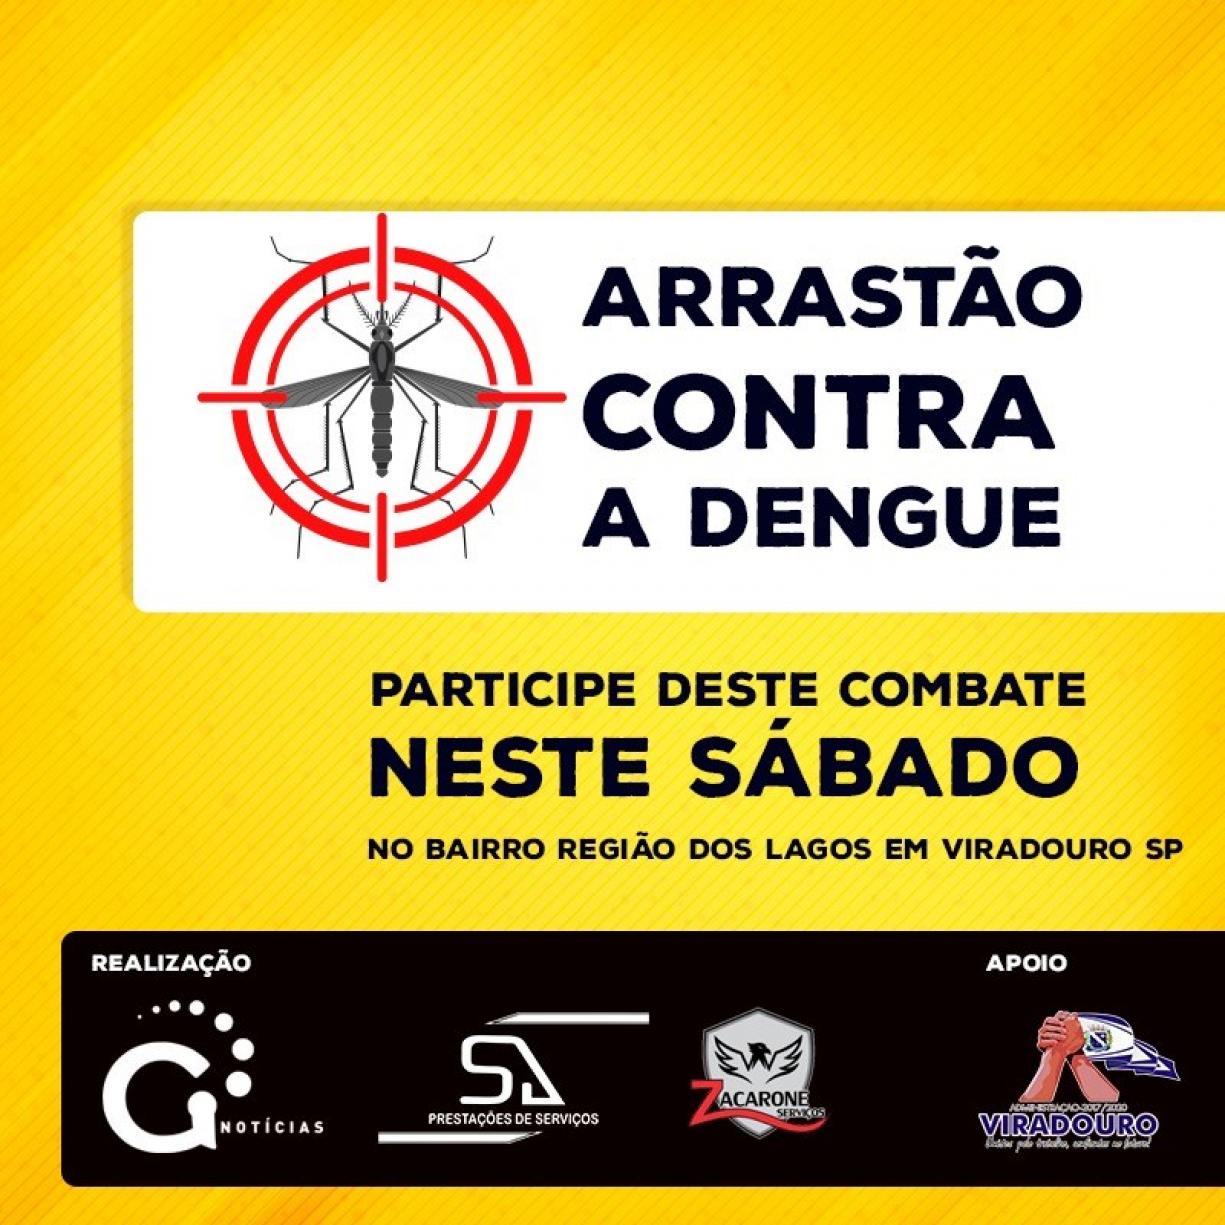 2º Arrastão Contra a Dengue